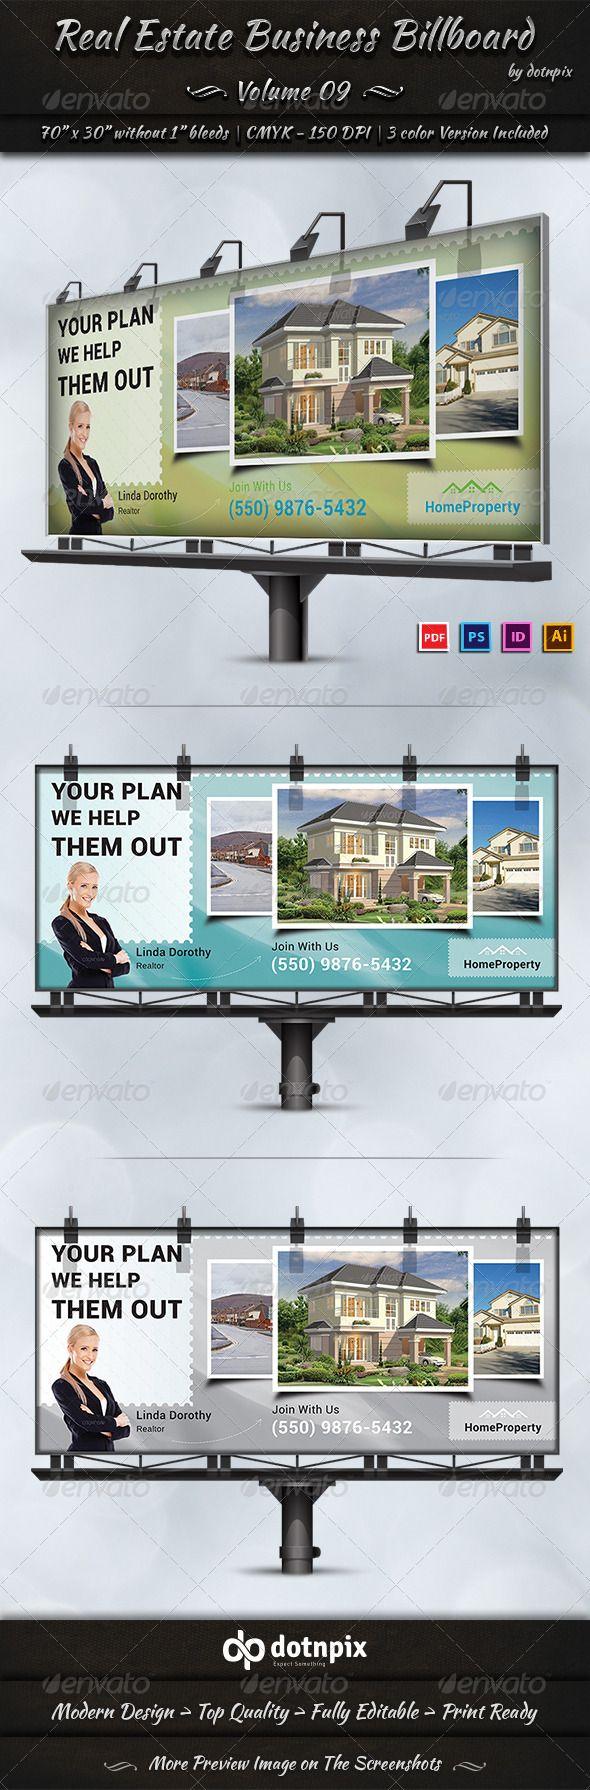 Real estate billboard design samples - Real Estate Business Billboard Volume 9